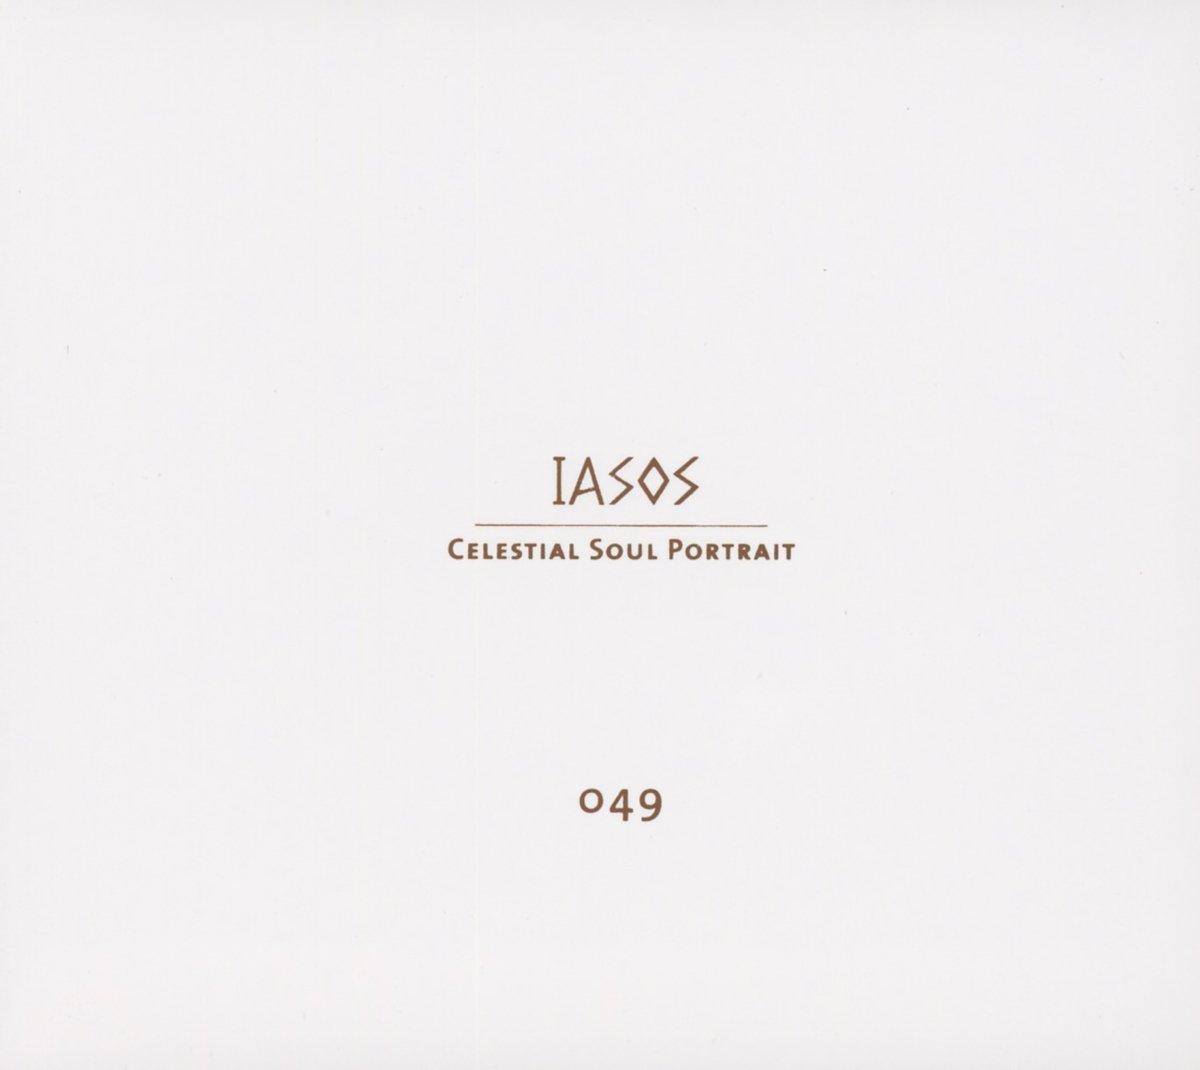 Iasos - Celestial Soul Portrait - Amazon com Music